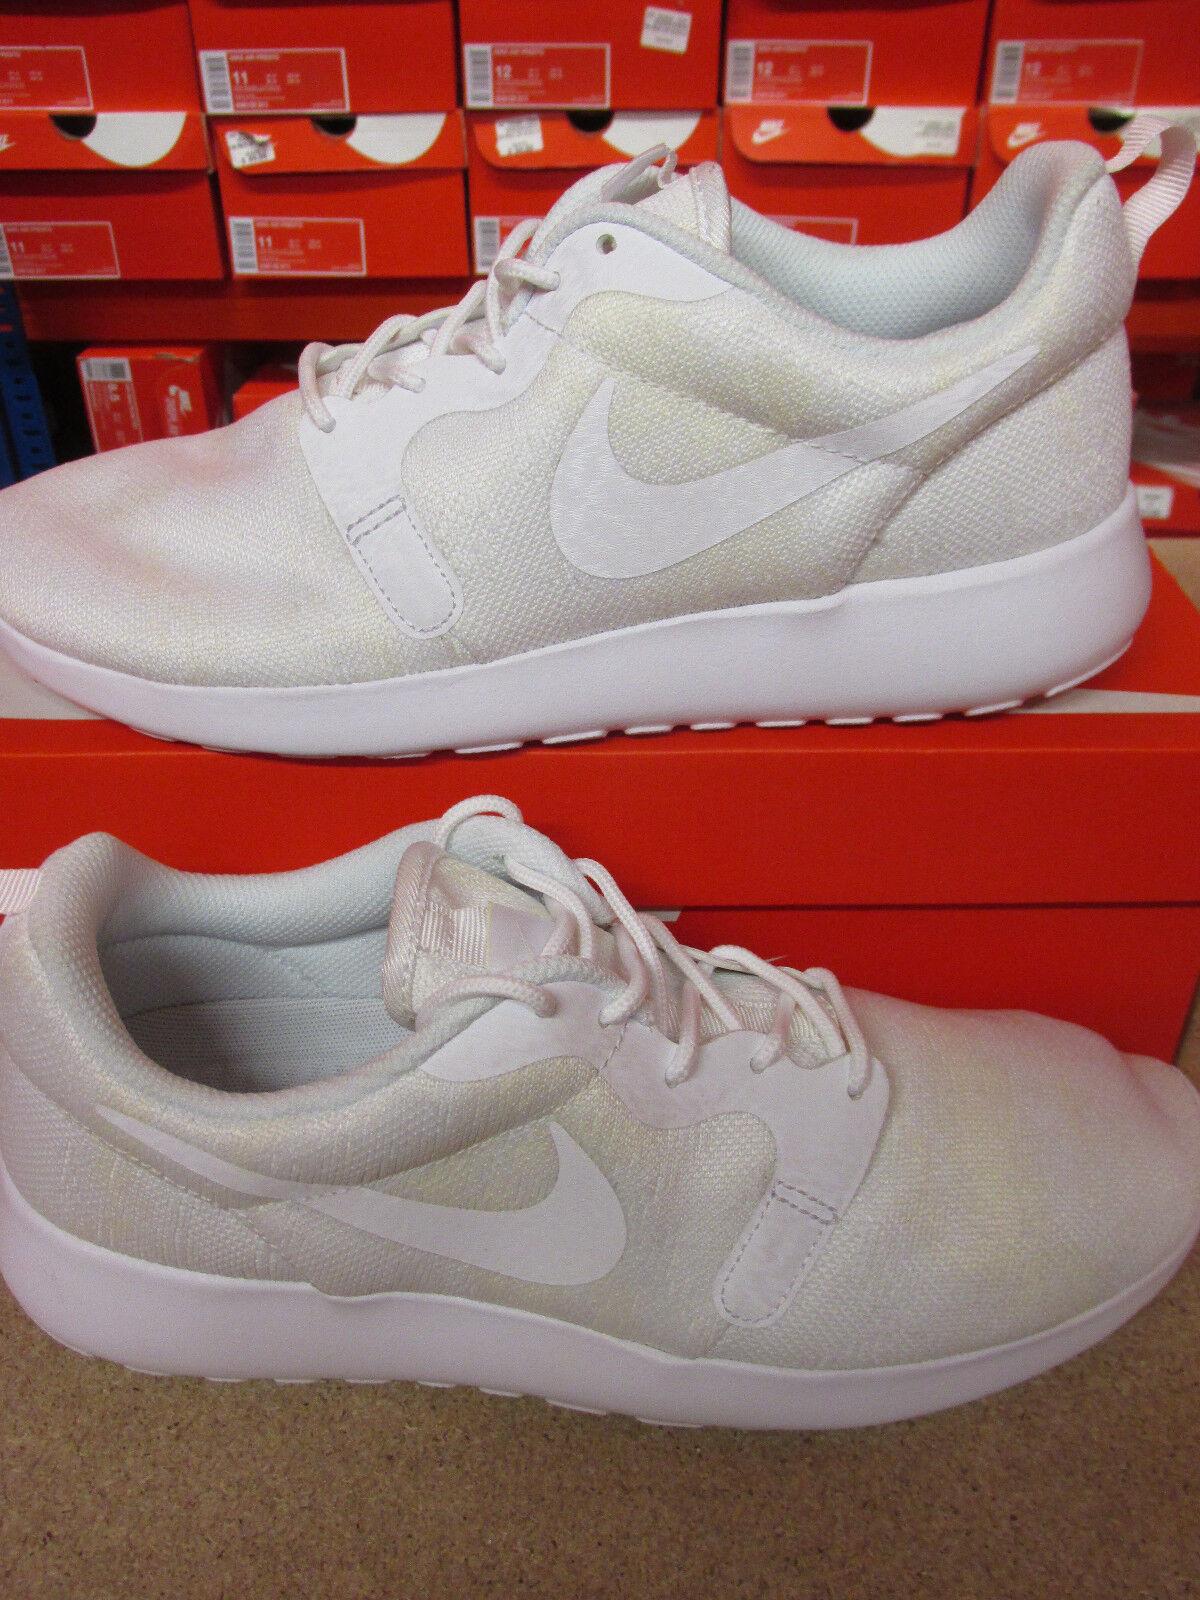 Nike roshe one KJCRD mens running trainers 777429 100 Turnschuhe schuhe